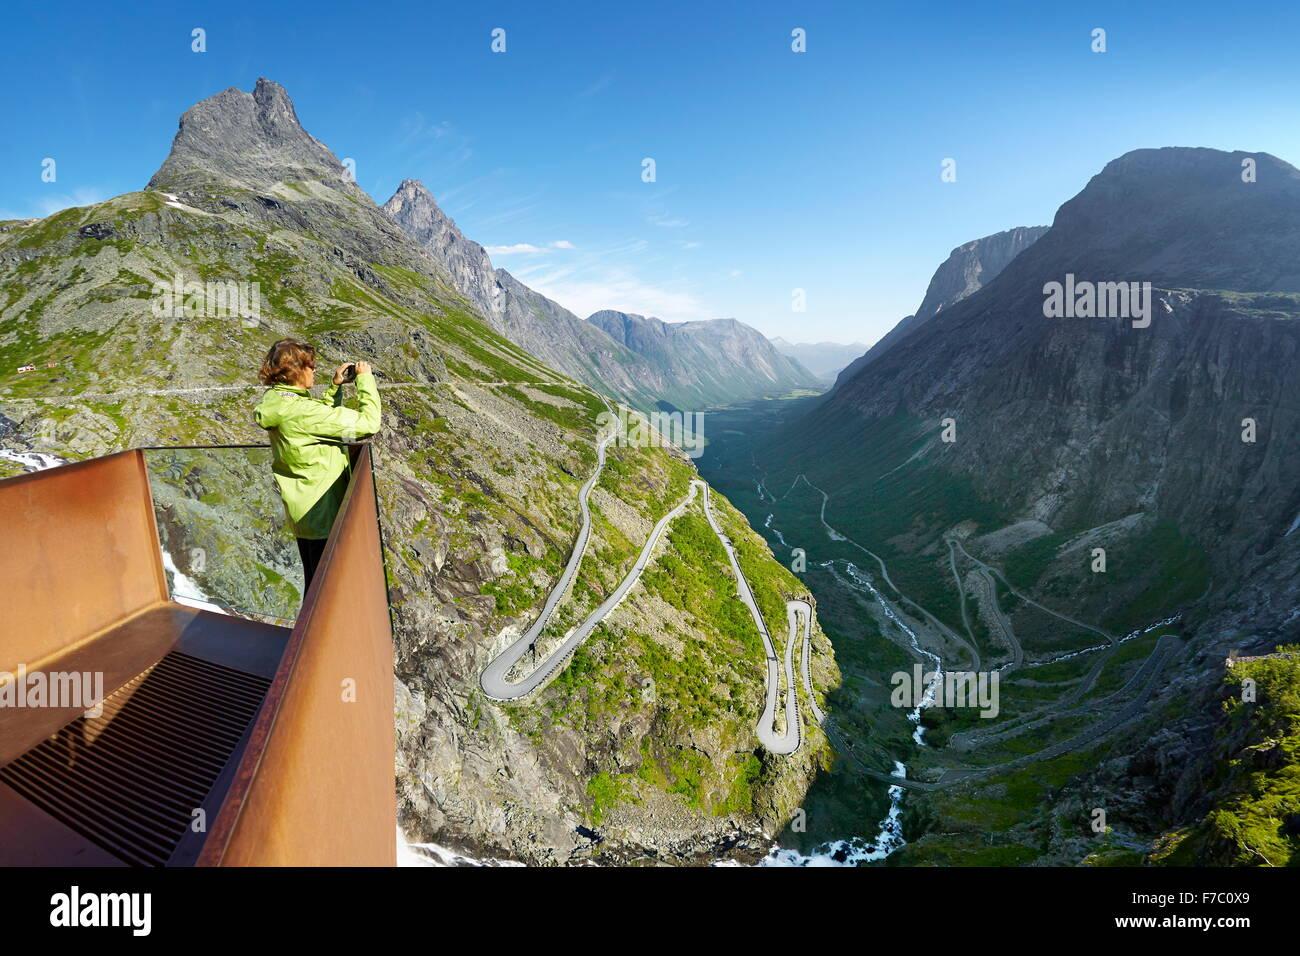 Trollstigen mountain road, Norway - Stock Image